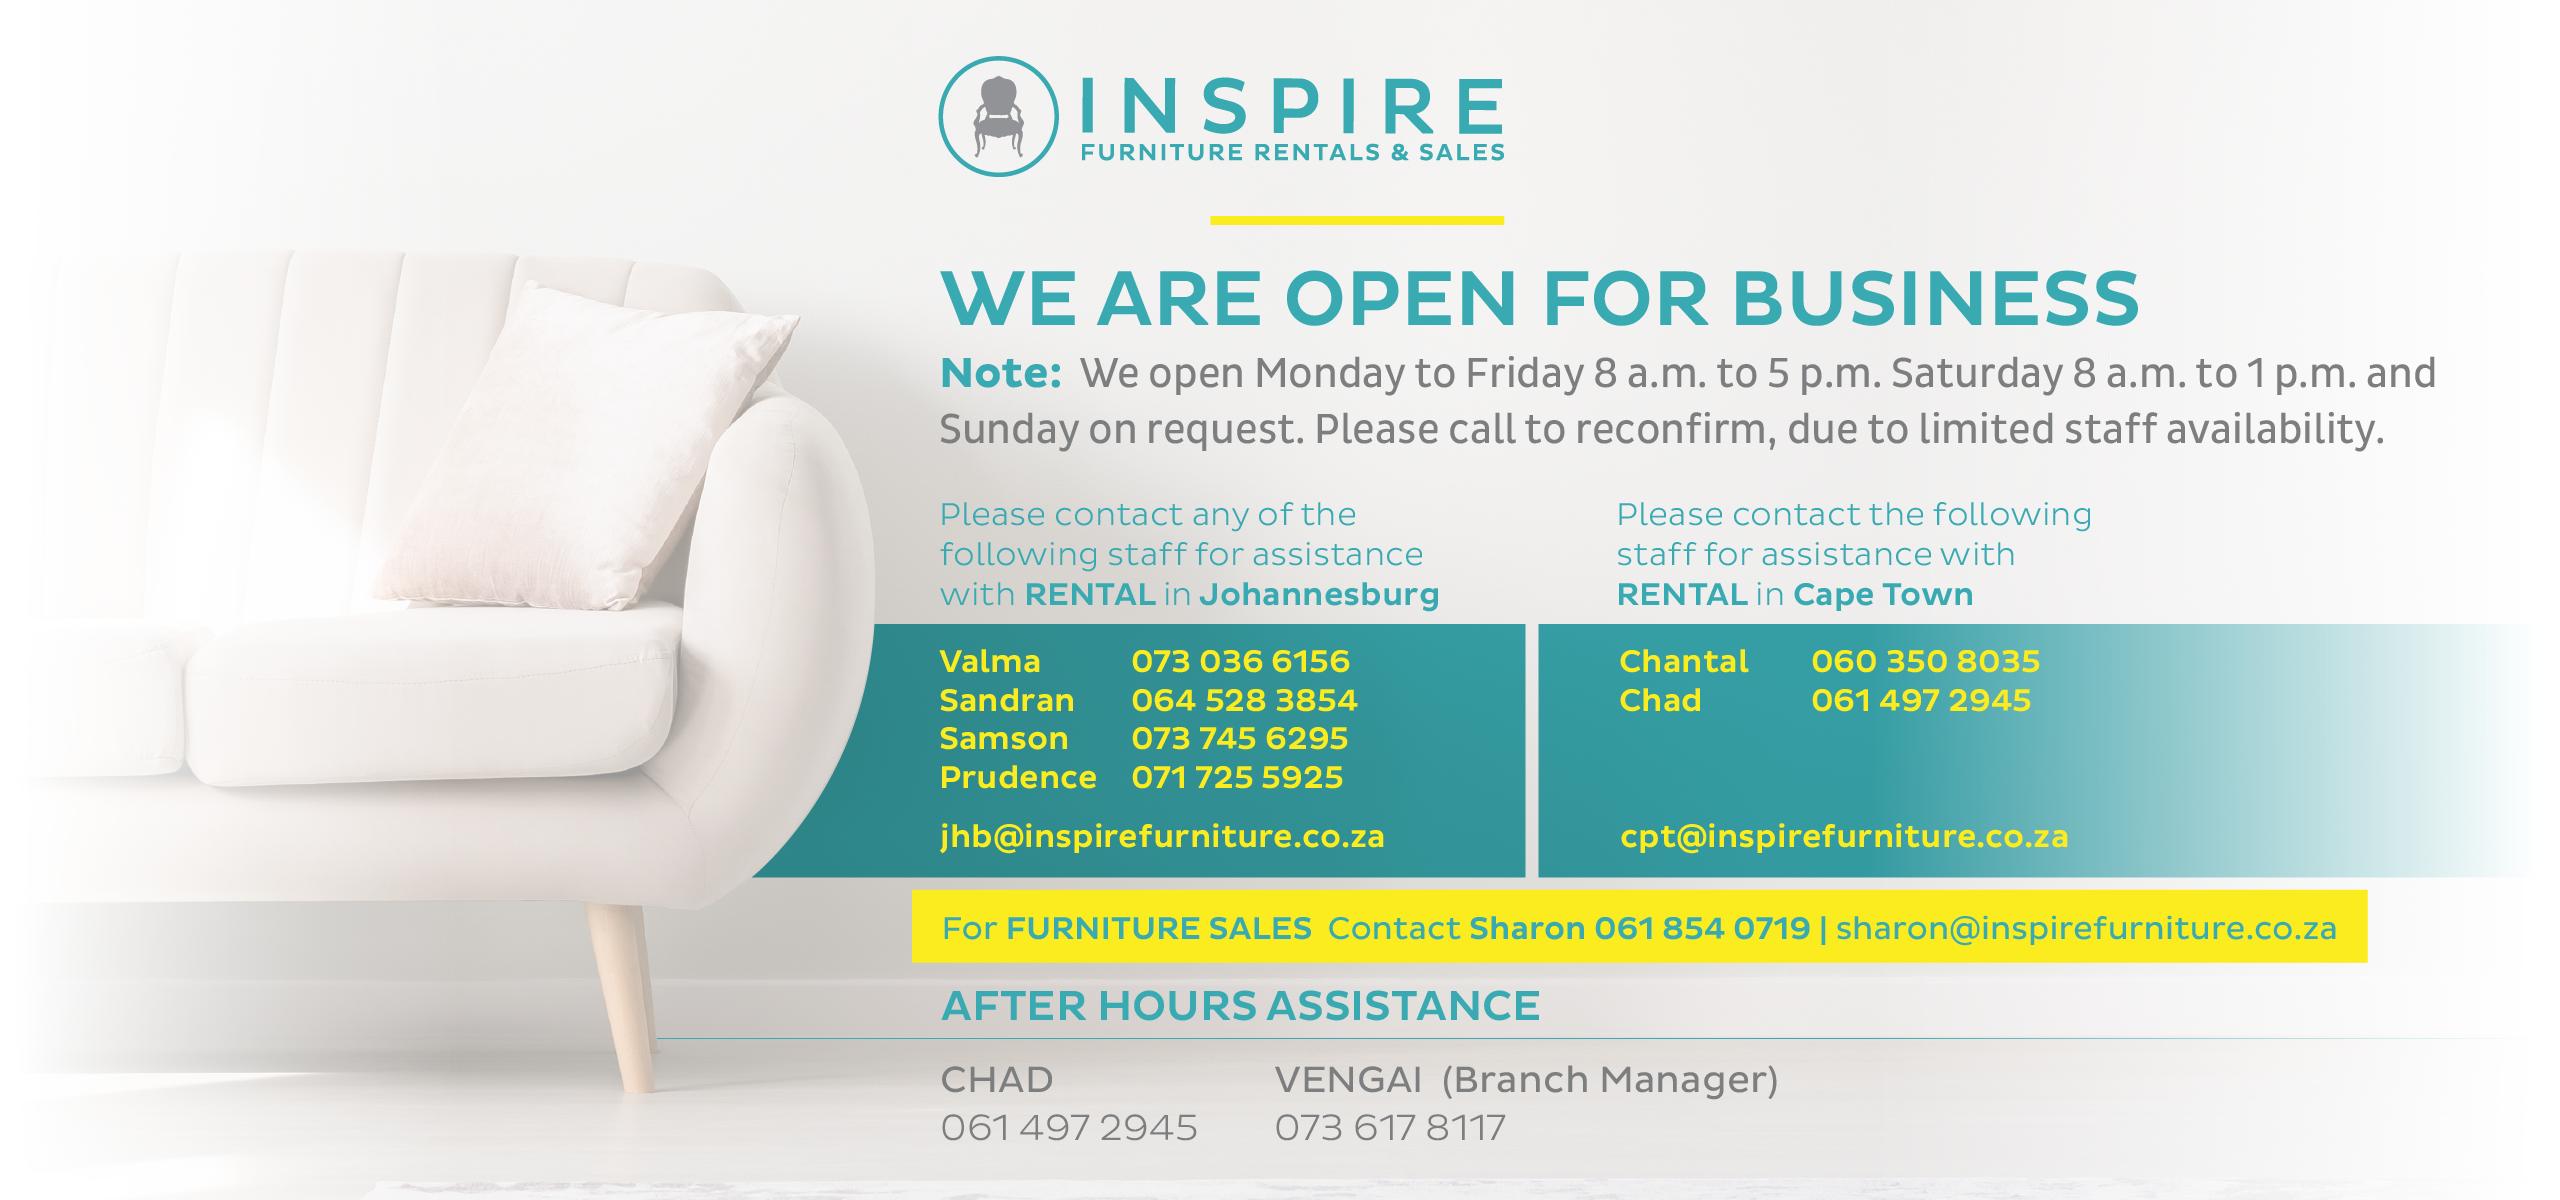 Inspire Furniture  Furniture Rentals & Sales  Event Furniture Hire